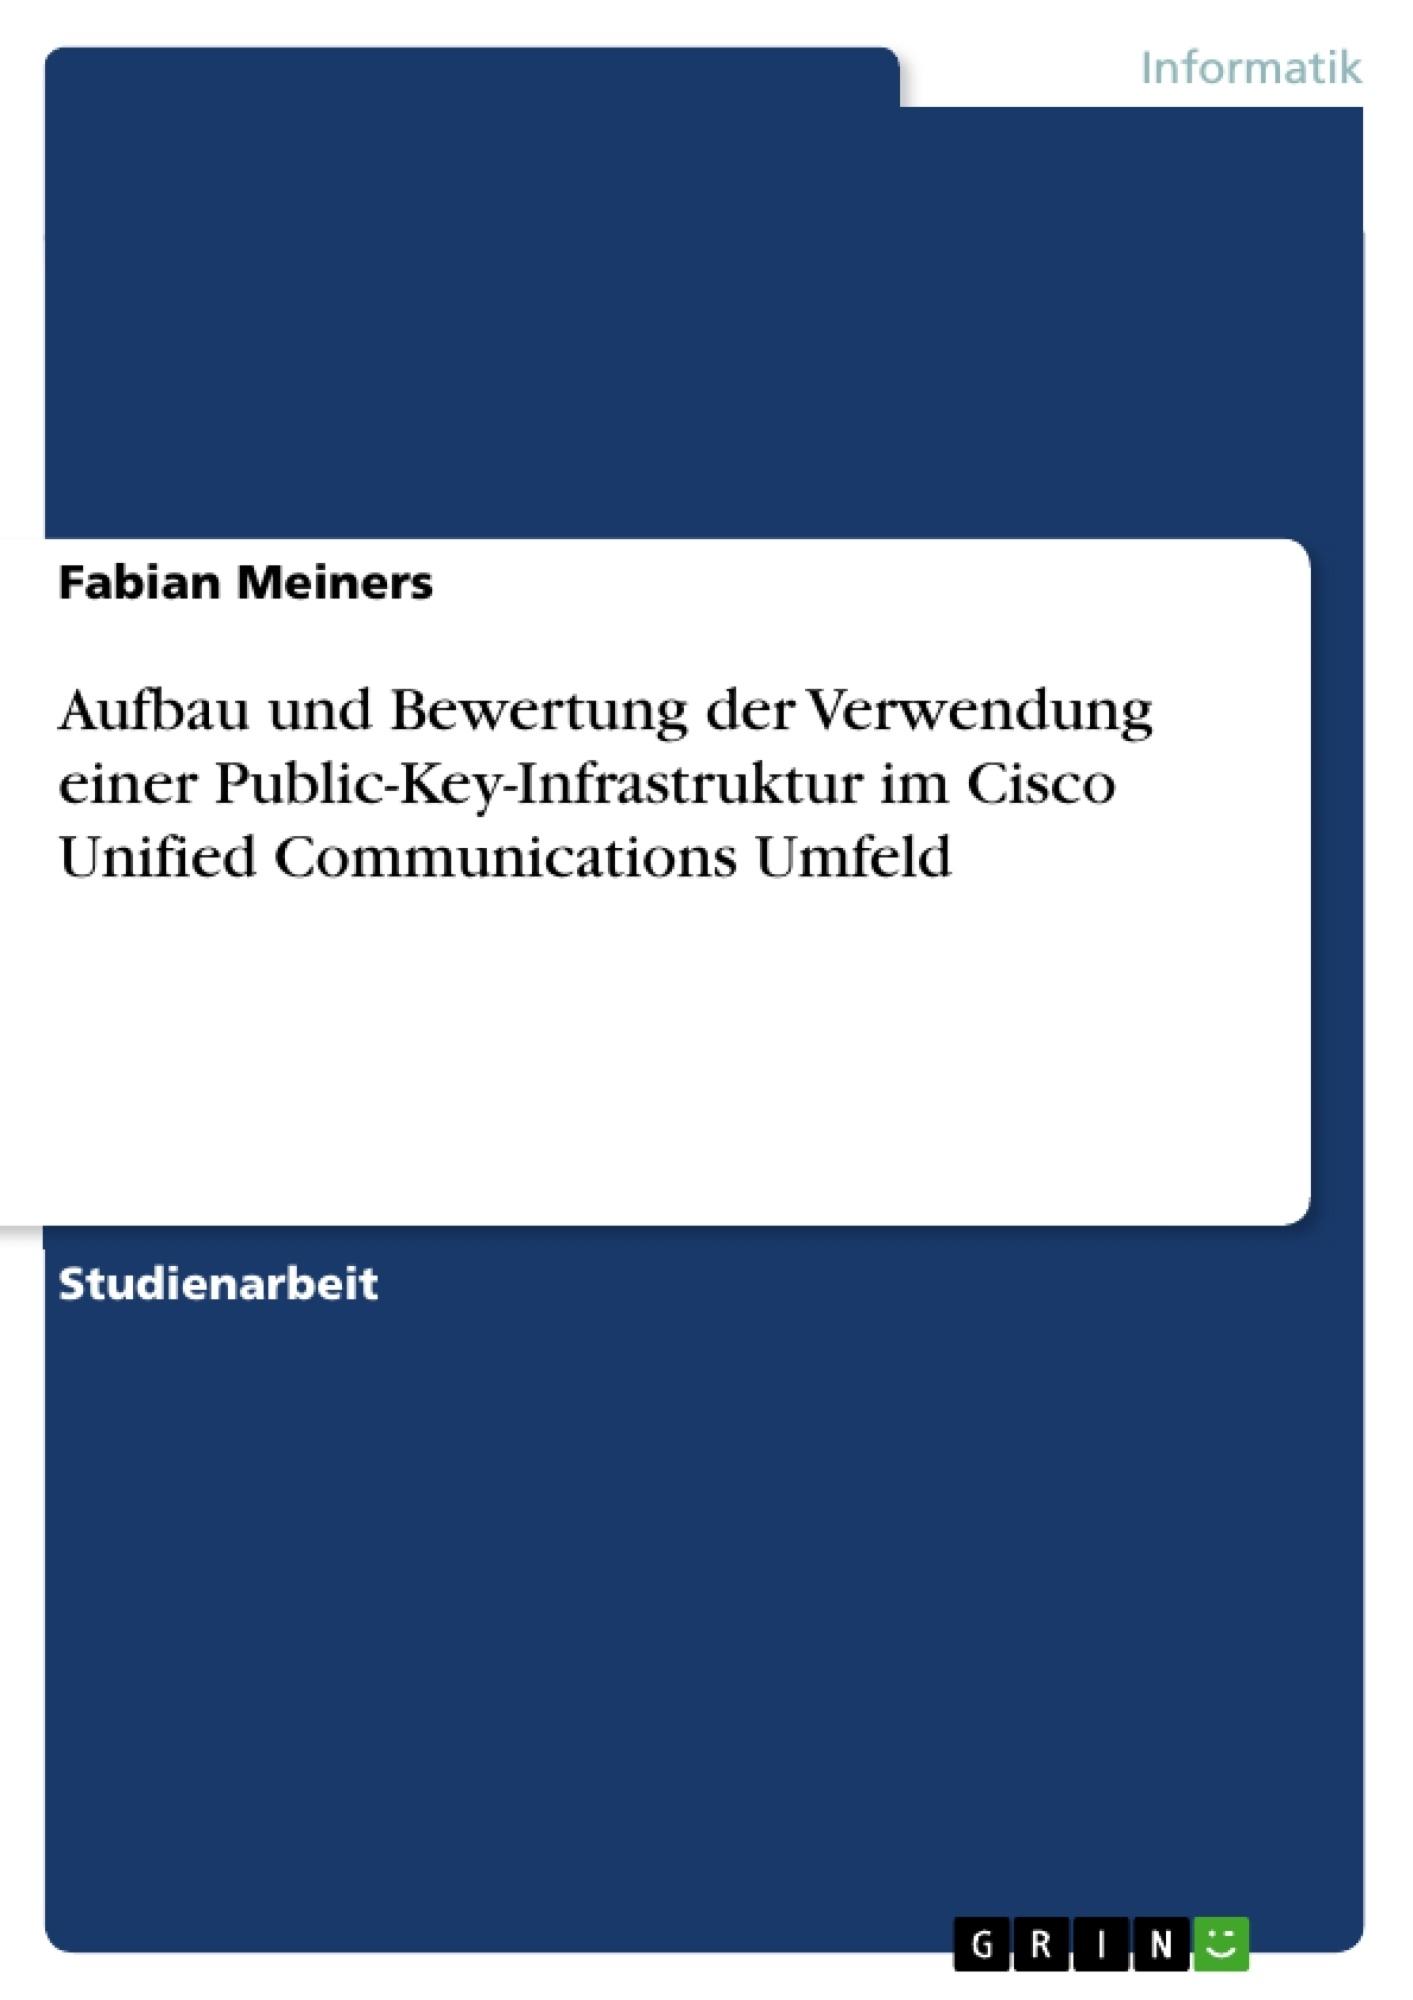 Titel: Aufbau und Bewertung der Verwendung einer Public-Key-Infrastruktur im Cisco Unified Communications Umfeld